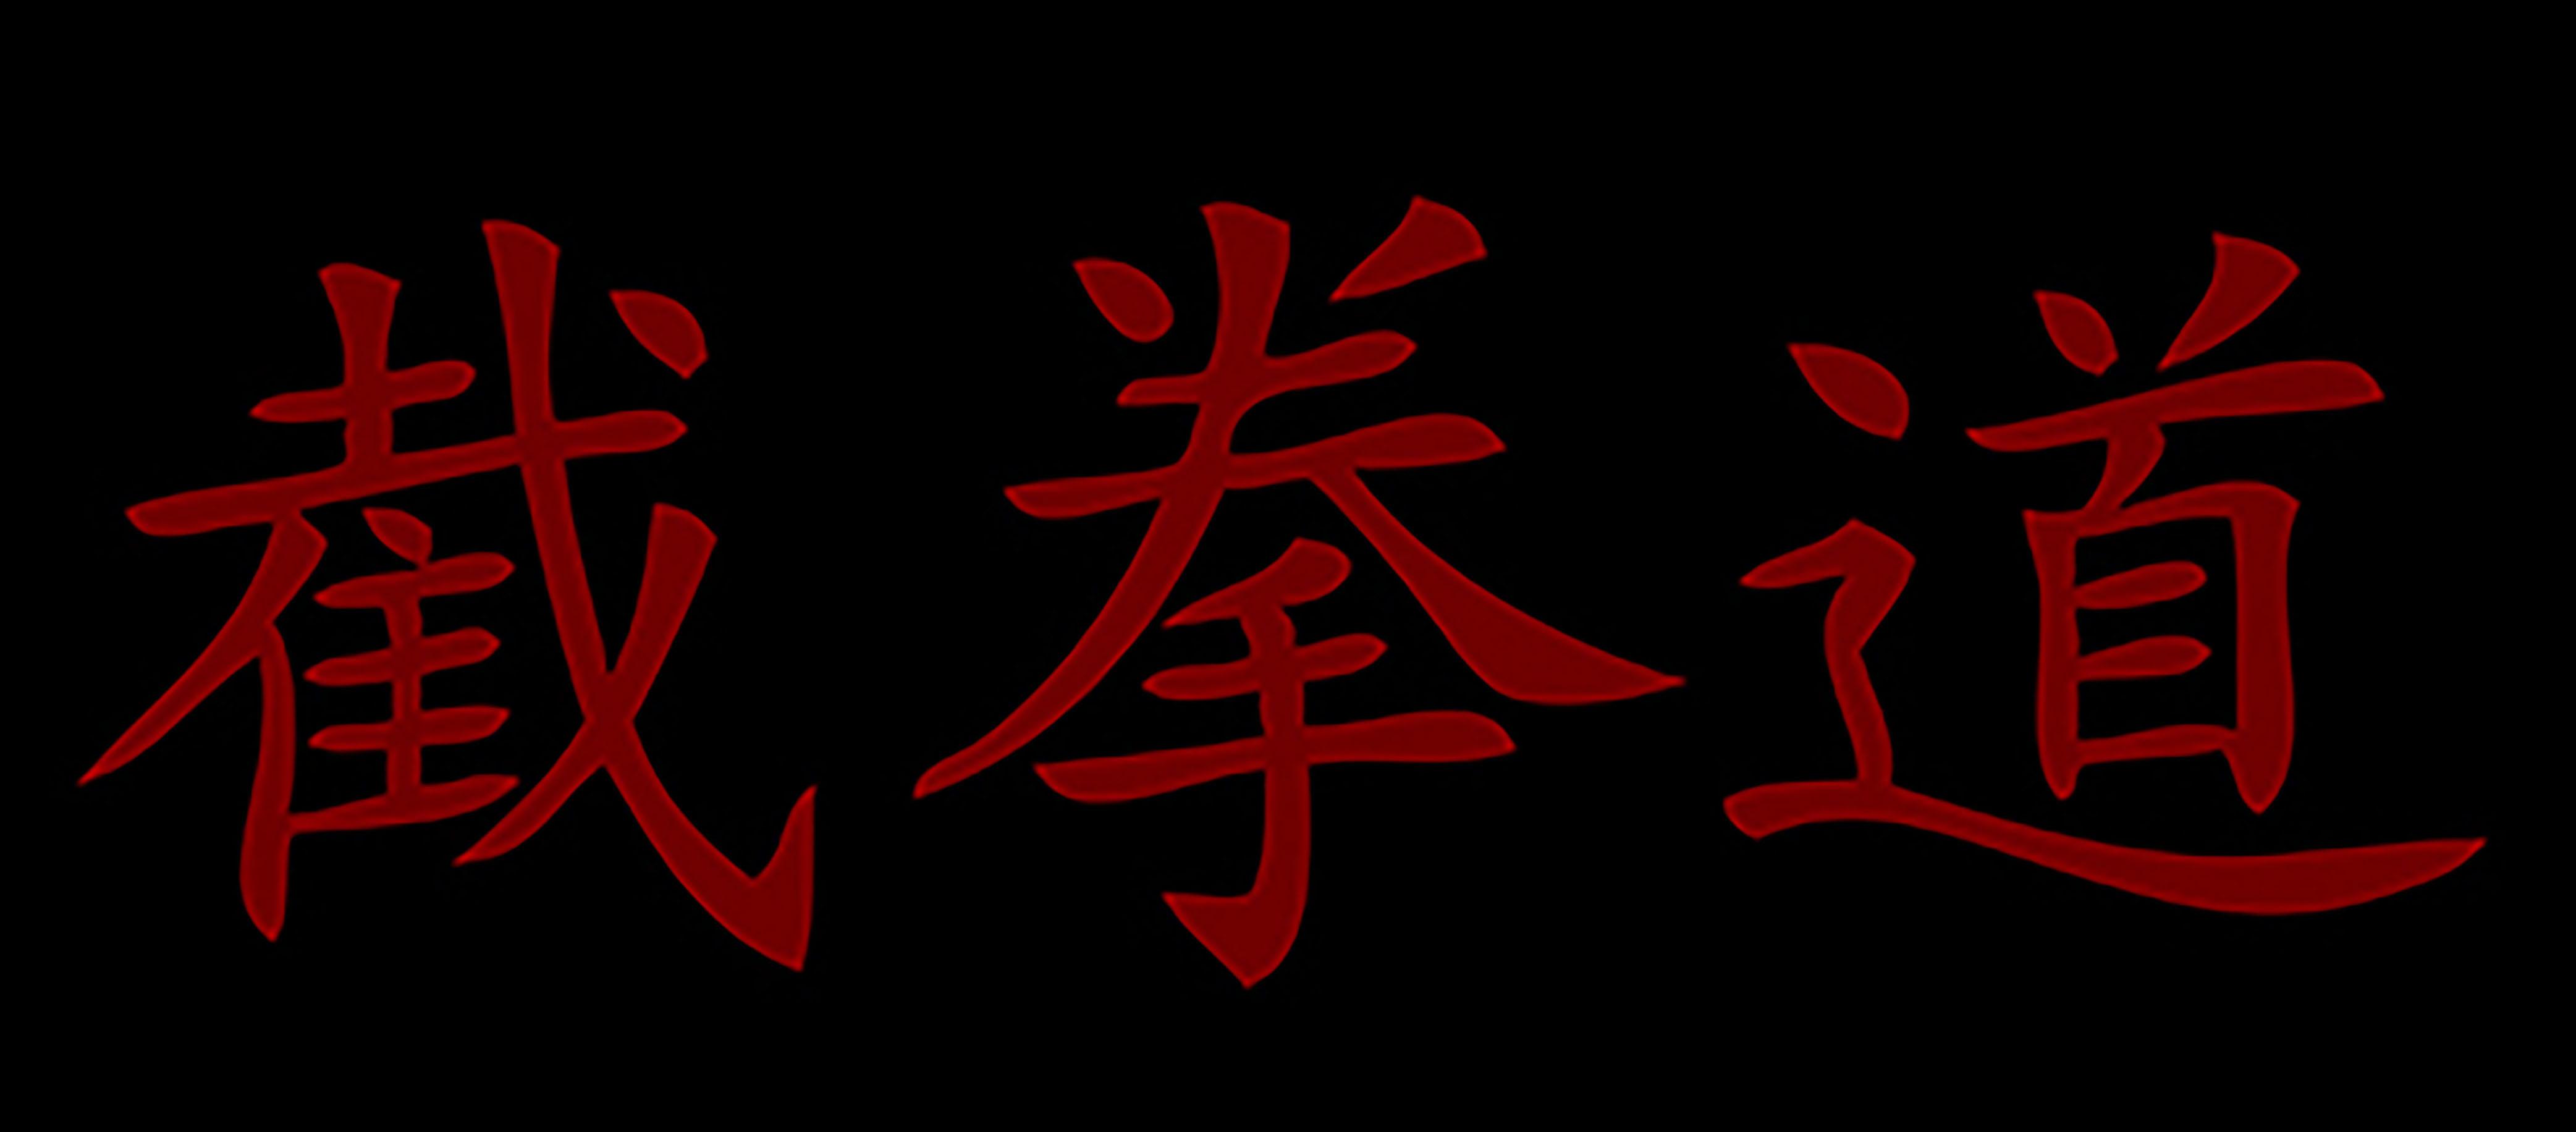 jeet kune do kanji BIG